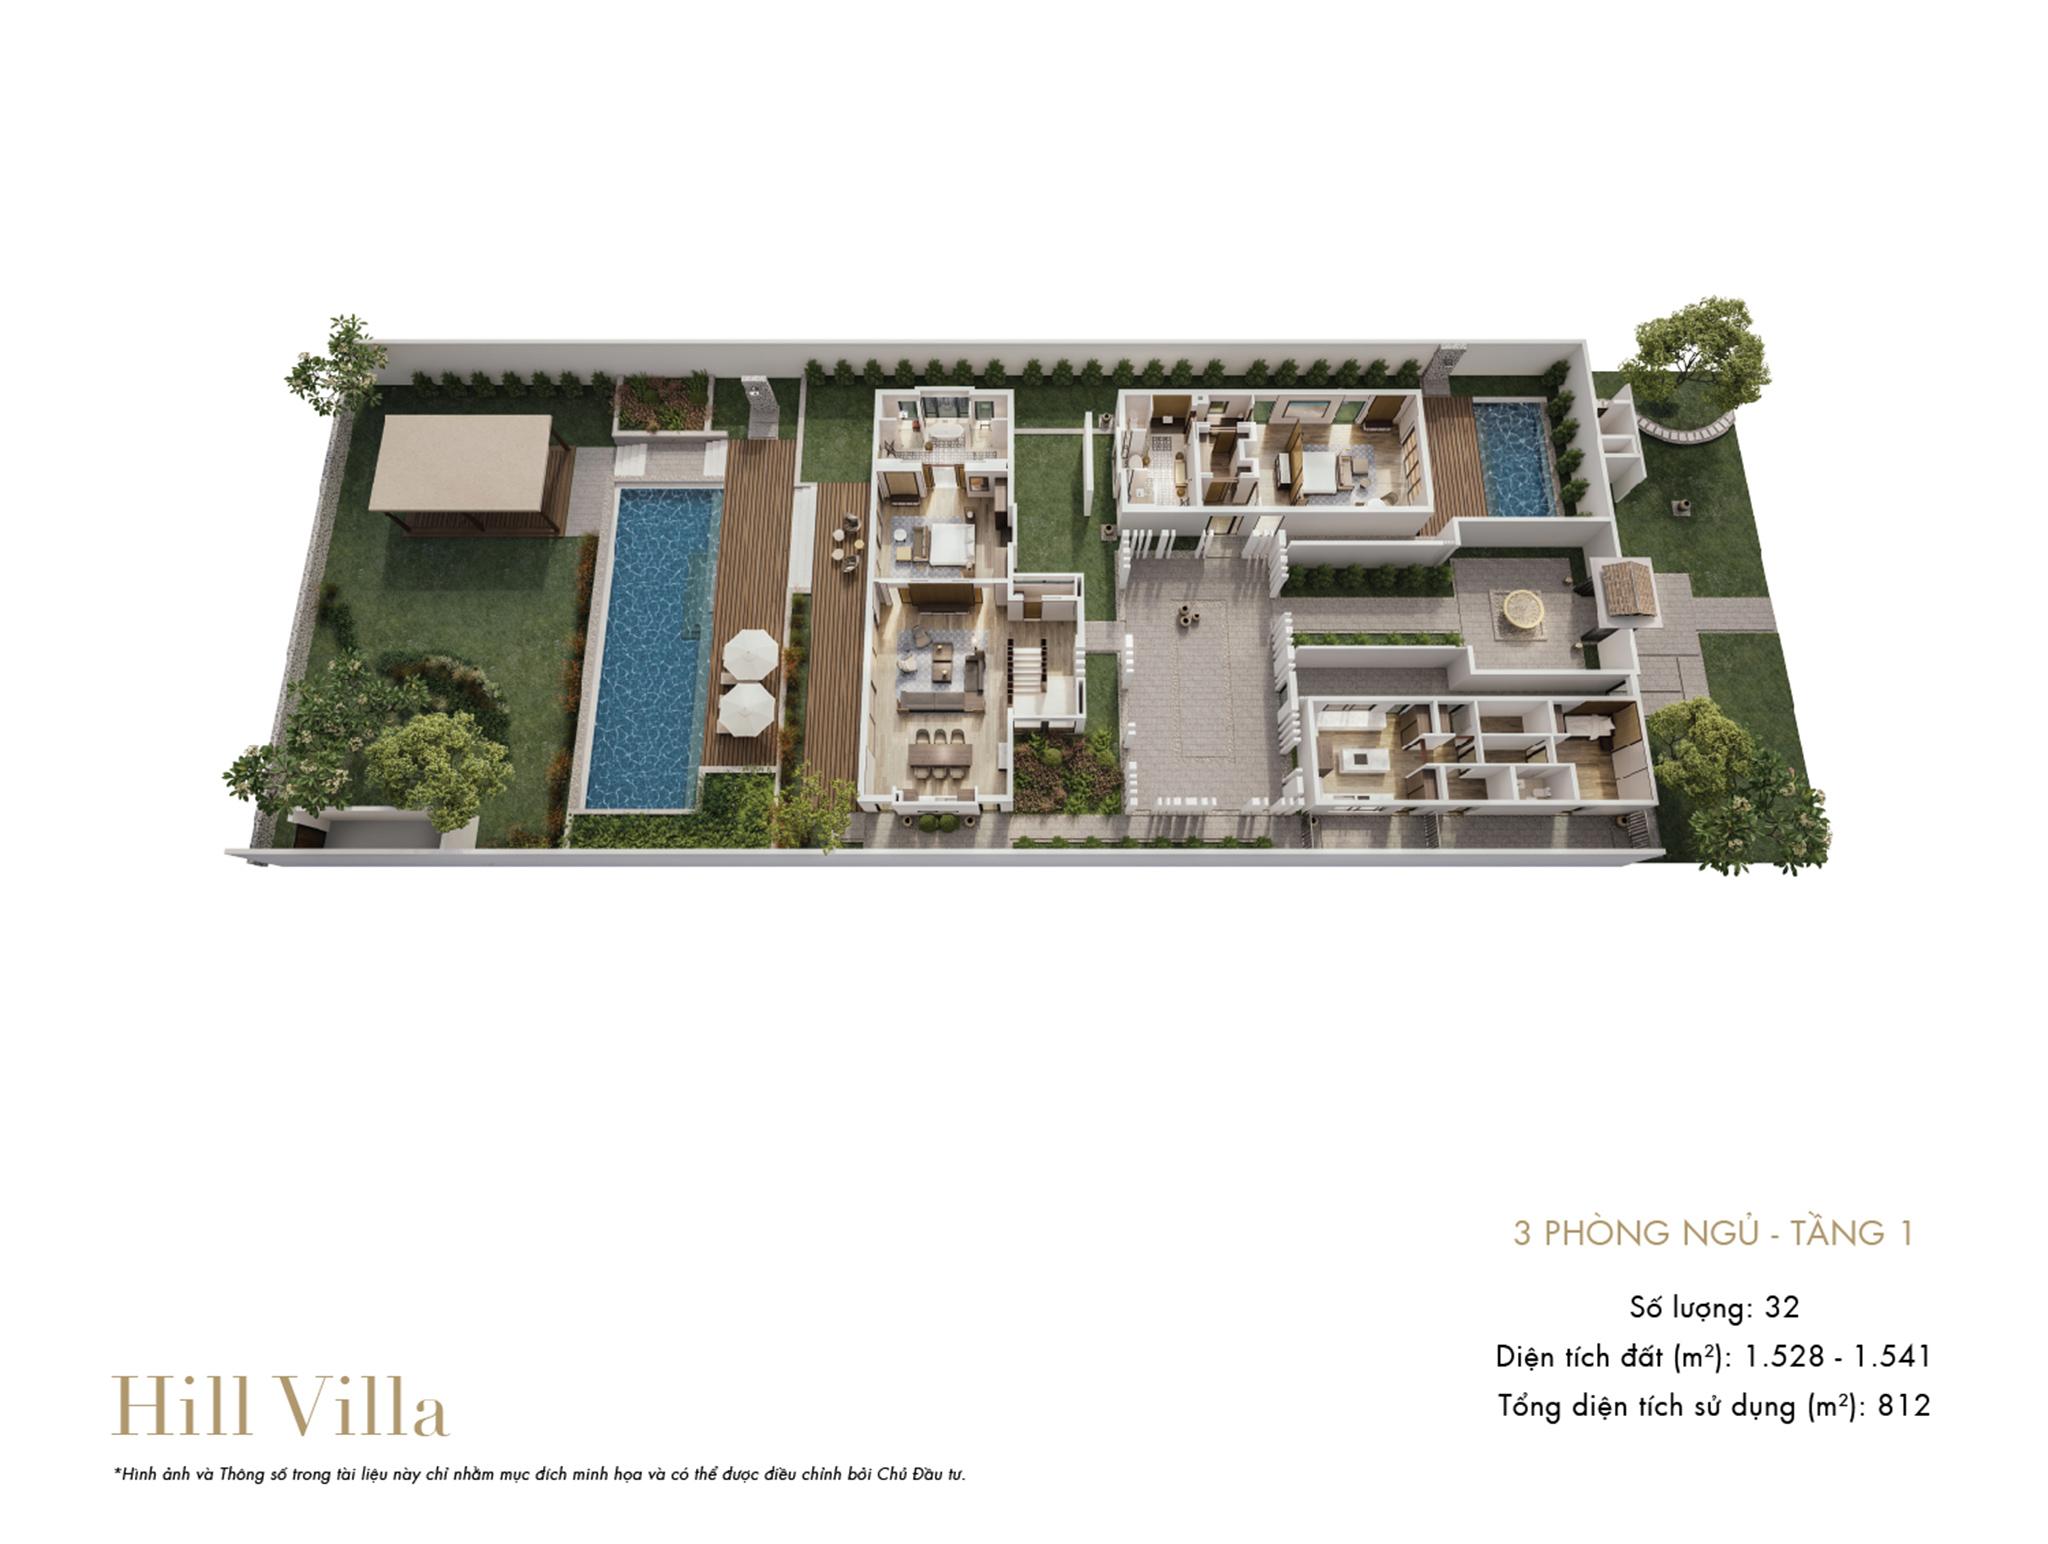 Park Hyatt Phu Quoc - mặt bằng Hill Villa 3PN tầng 1